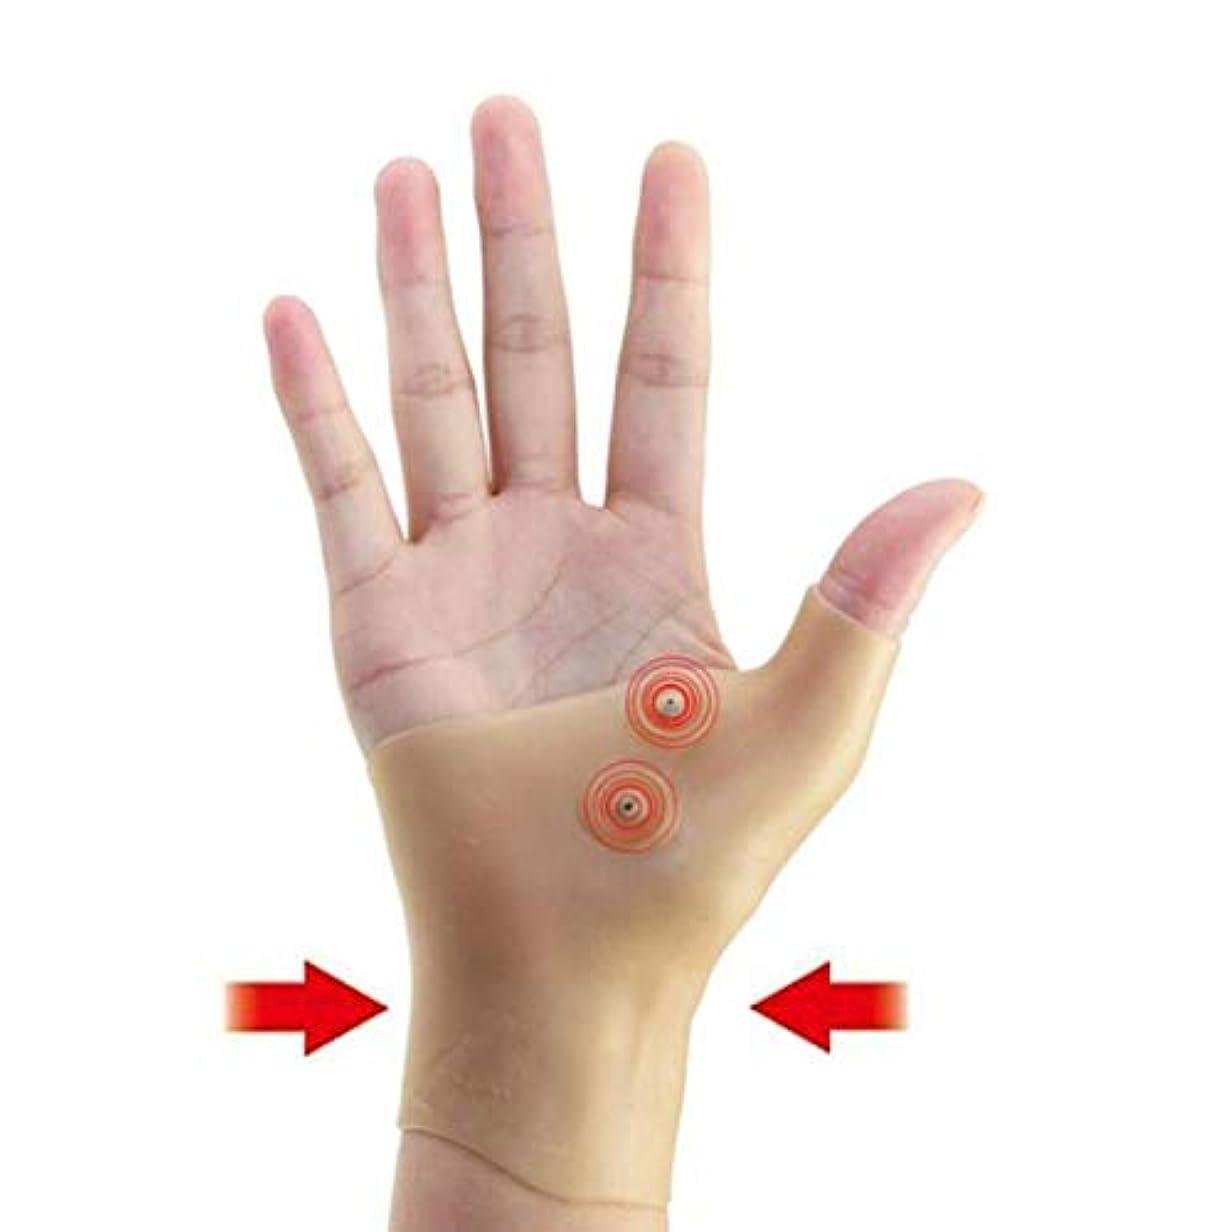 医学ミサイル原稿磁気療法手首手親指サポート手袋シリコーンゲル関節炎圧力矯正器マッサージ痛み緩和手袋 - 肌の色